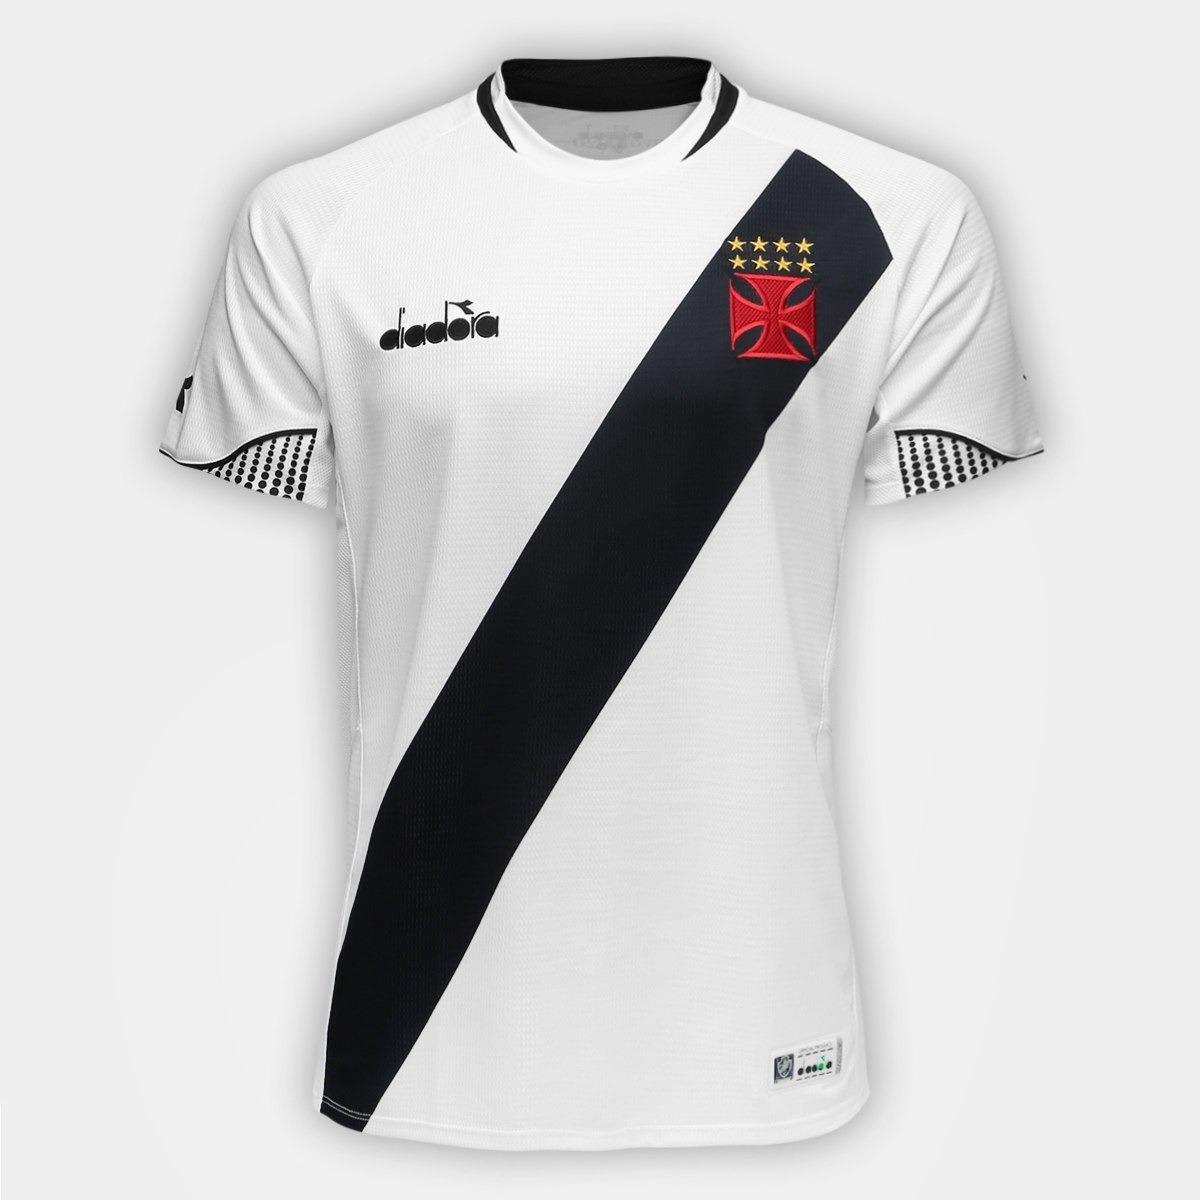 nova camisa do vasco da gama 2019 original diadora branca. Carregando zoom. 16e5867aa7ecb